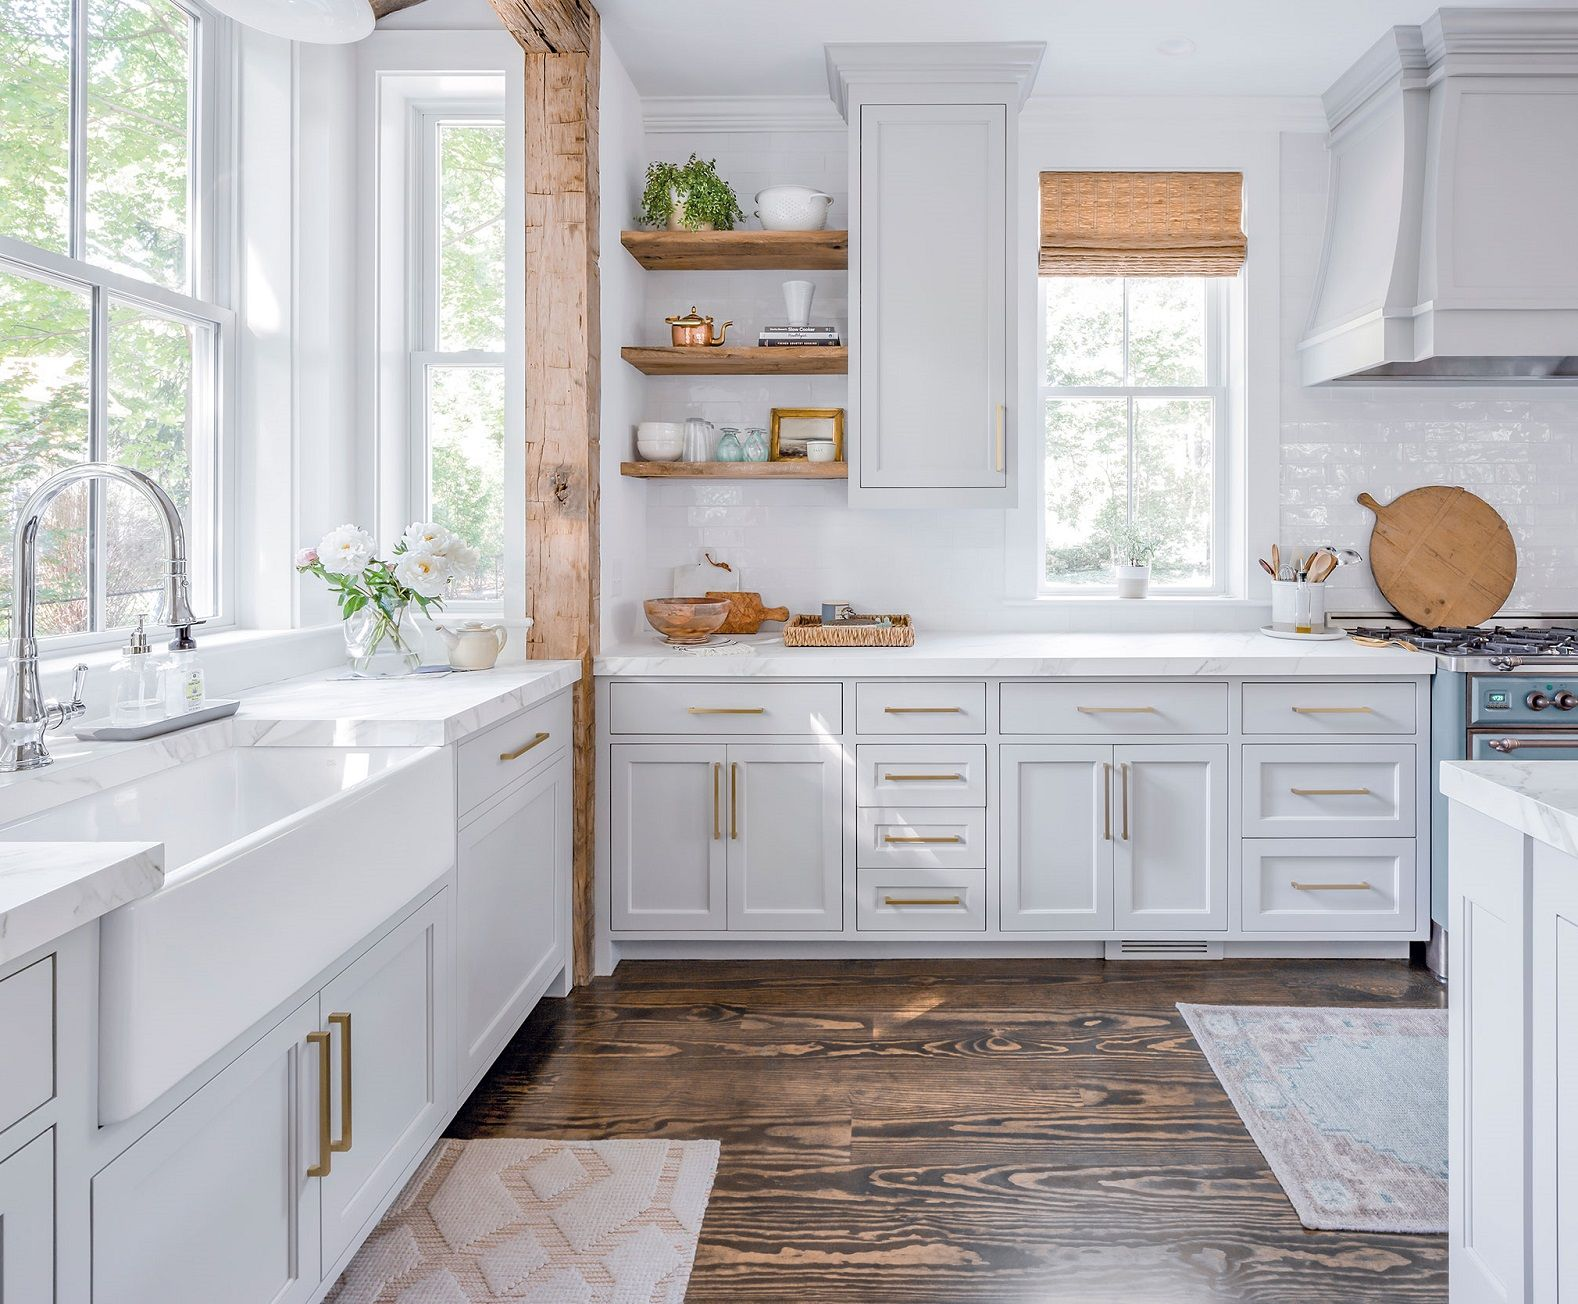 best coastal kitchens beach decor ideas for 2020 white farmhouse kitchens kitchen design on kitchen ideas decoration themes id=75165